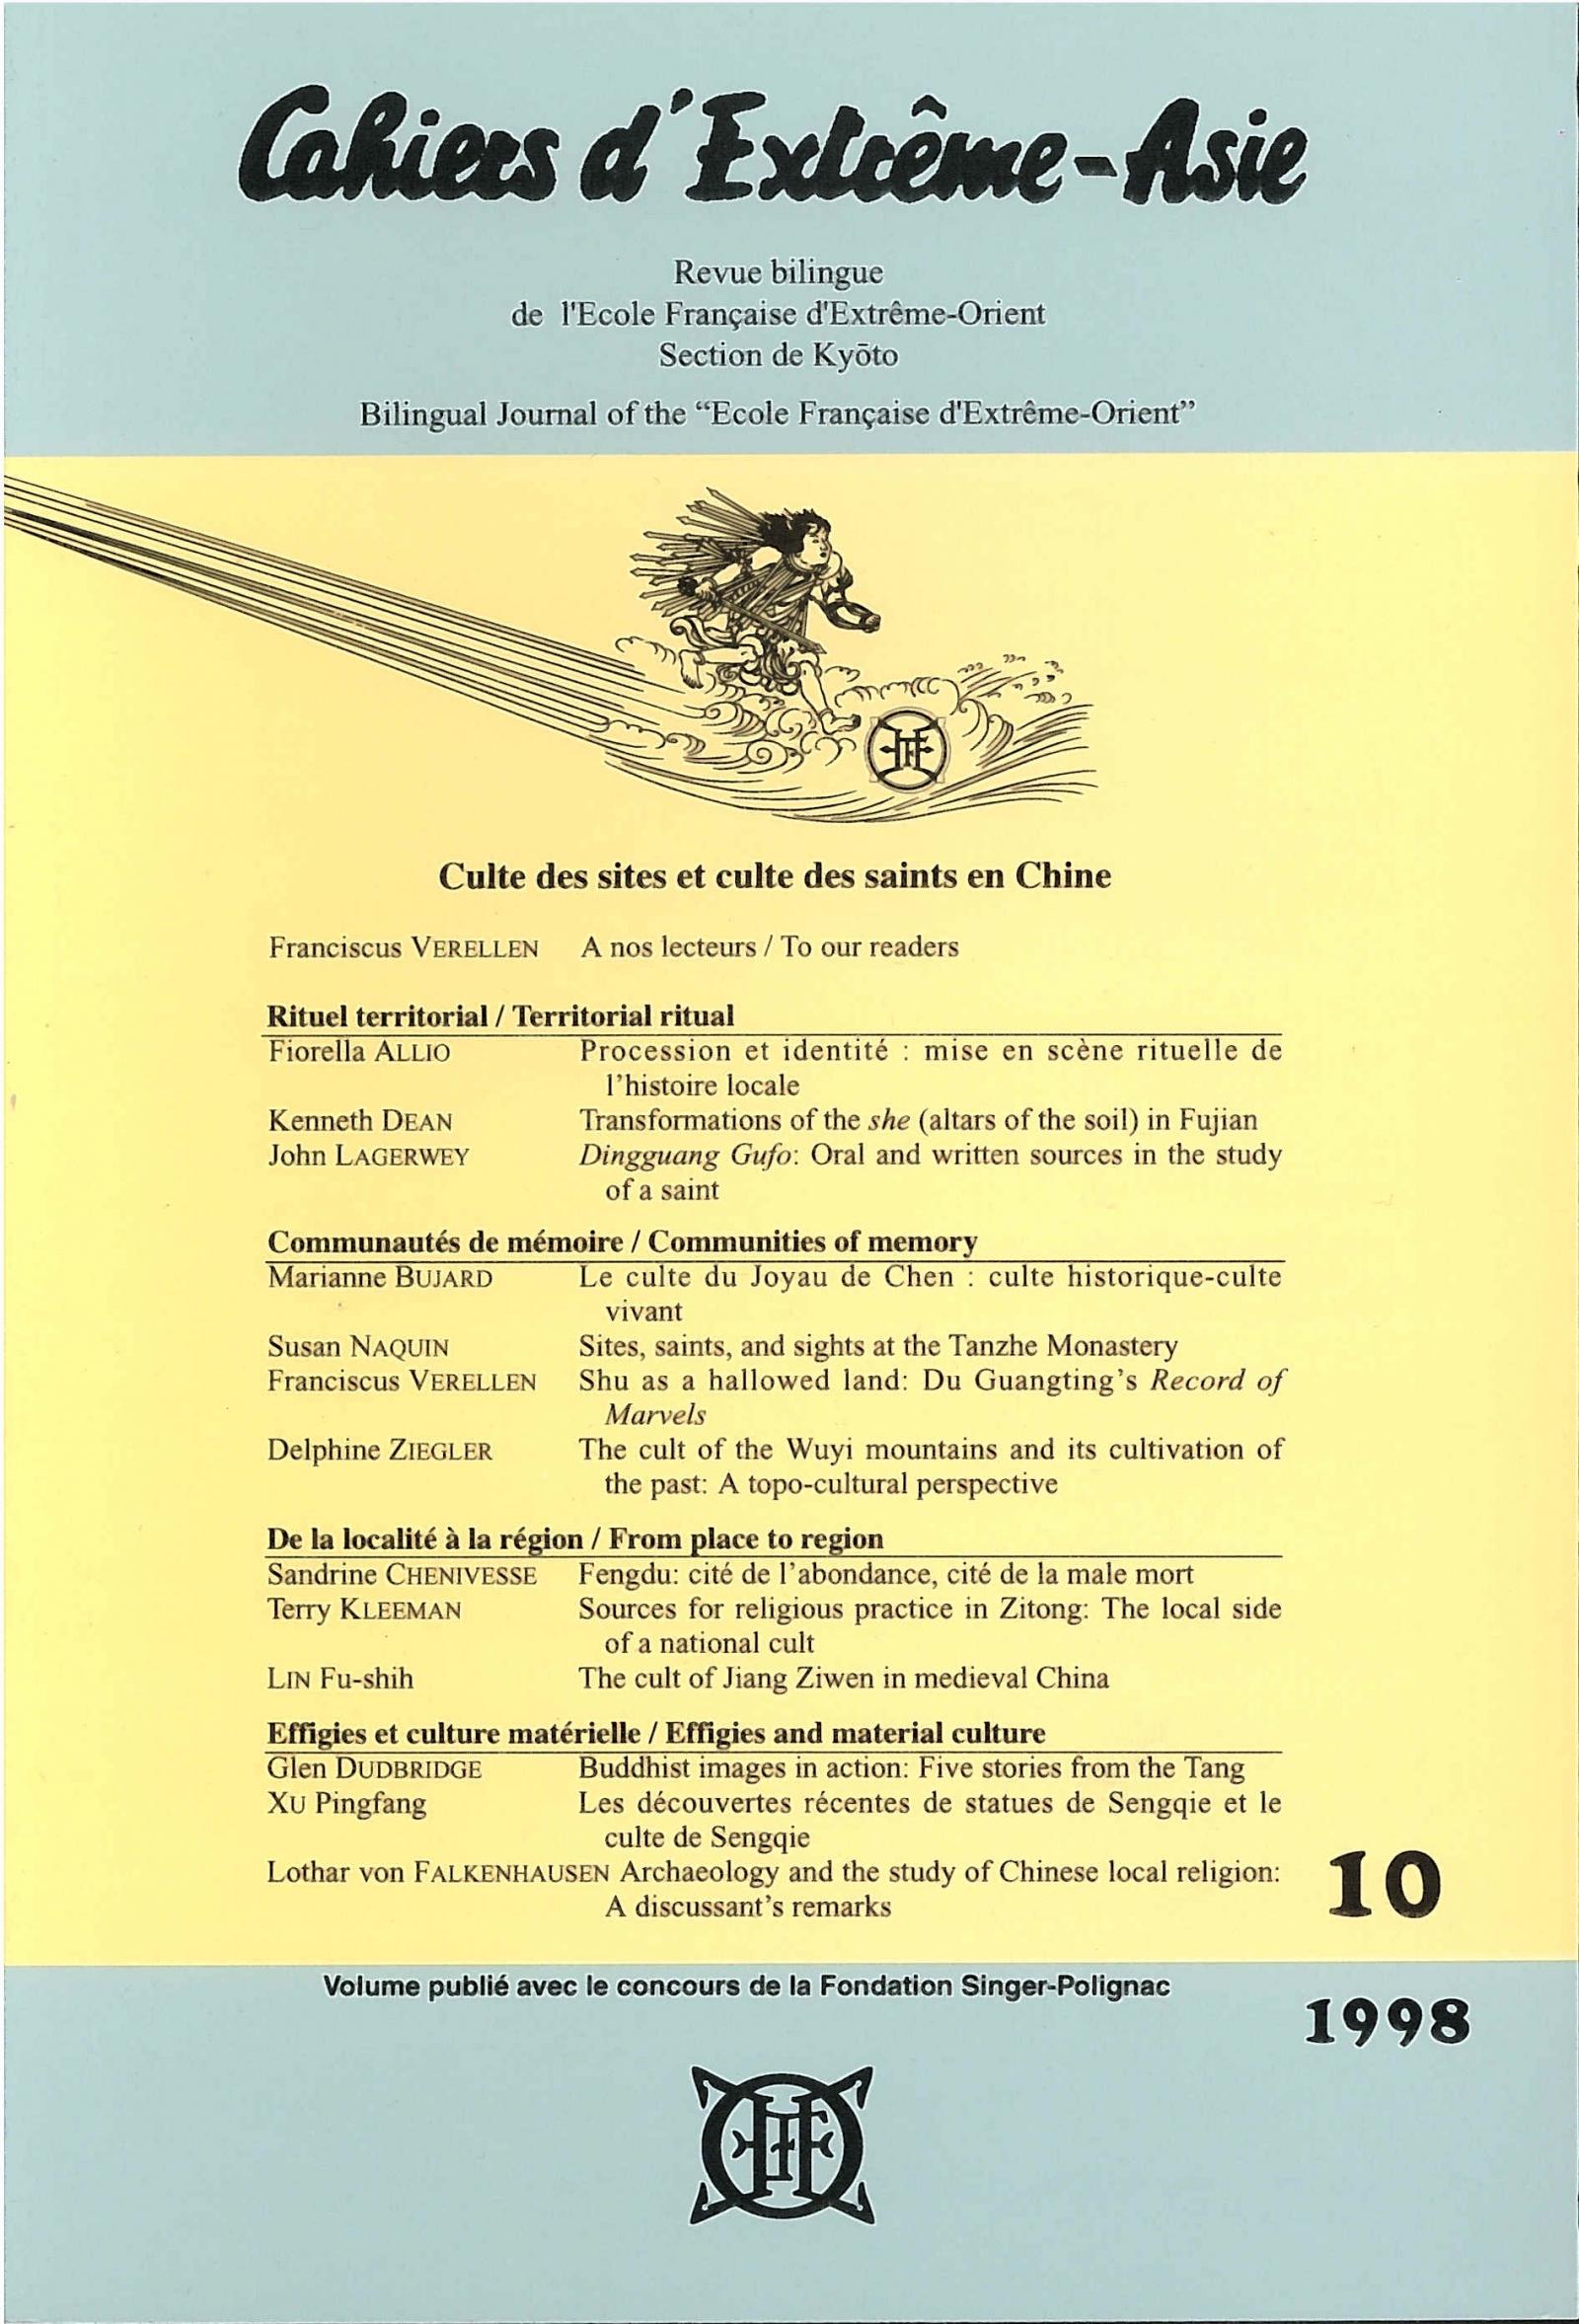 Cahiers d'Extrême-Asie 10 (1998)